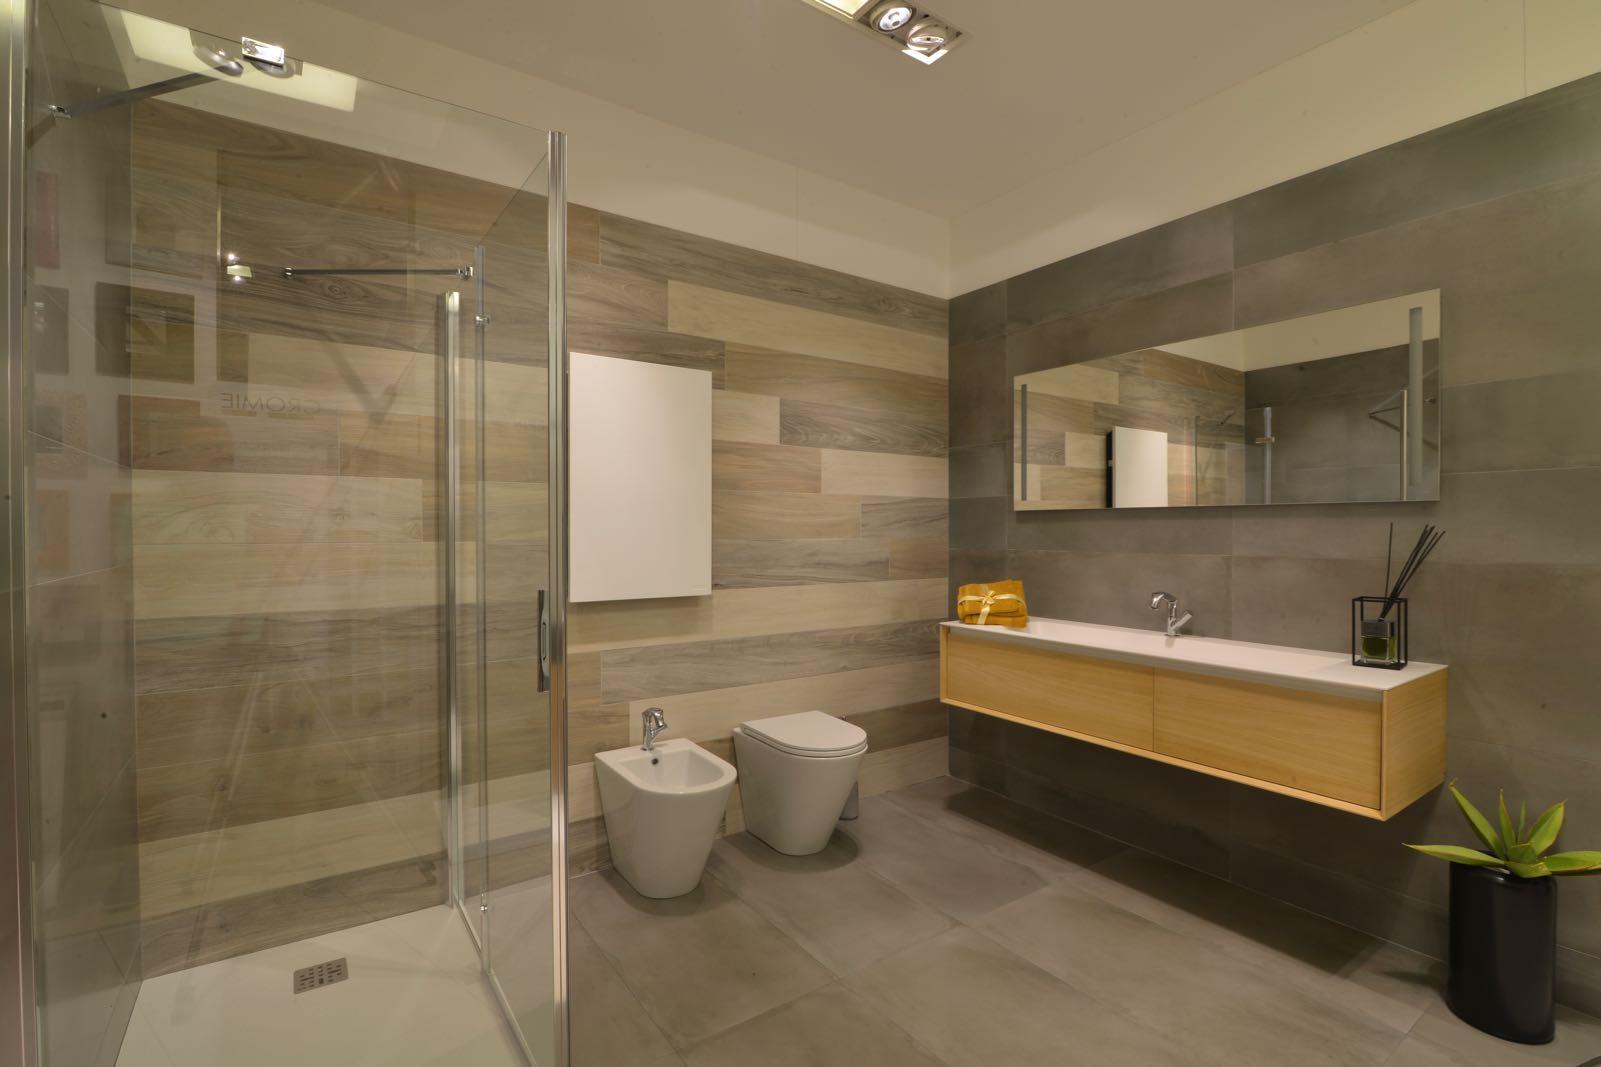 Mobili bagno funzionali design casa creativa e mobili - Arredo bagno design ...